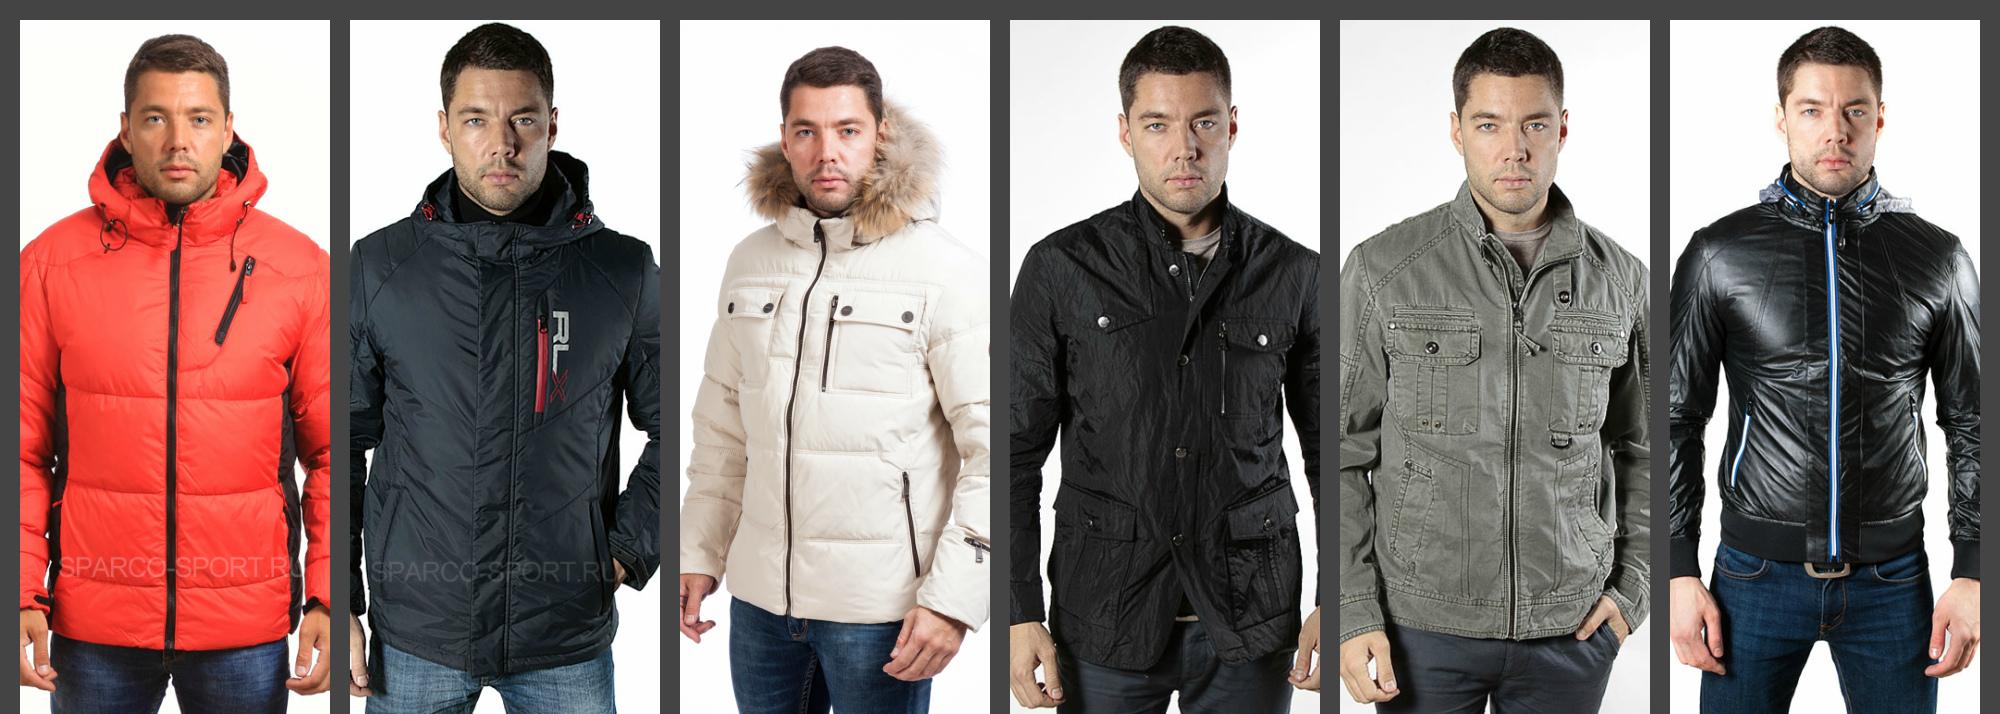 Сбор заказов. Распродажа отличных мужских ветровок , весенних курток и пуховичков. Также есть новые коллекции ветровок , курток и пуховичков 2016 года.